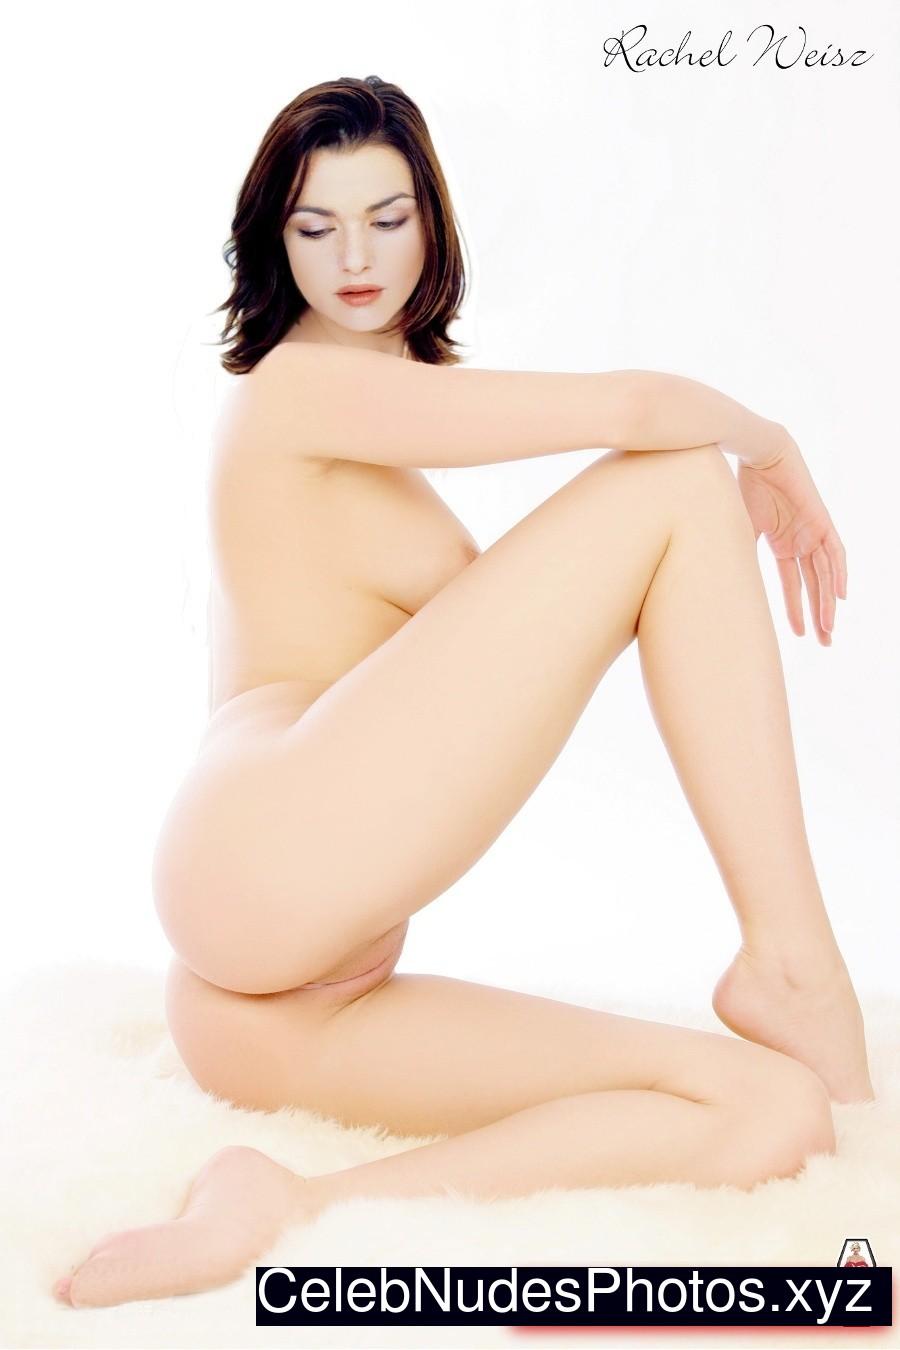 Рейчел вайс голая